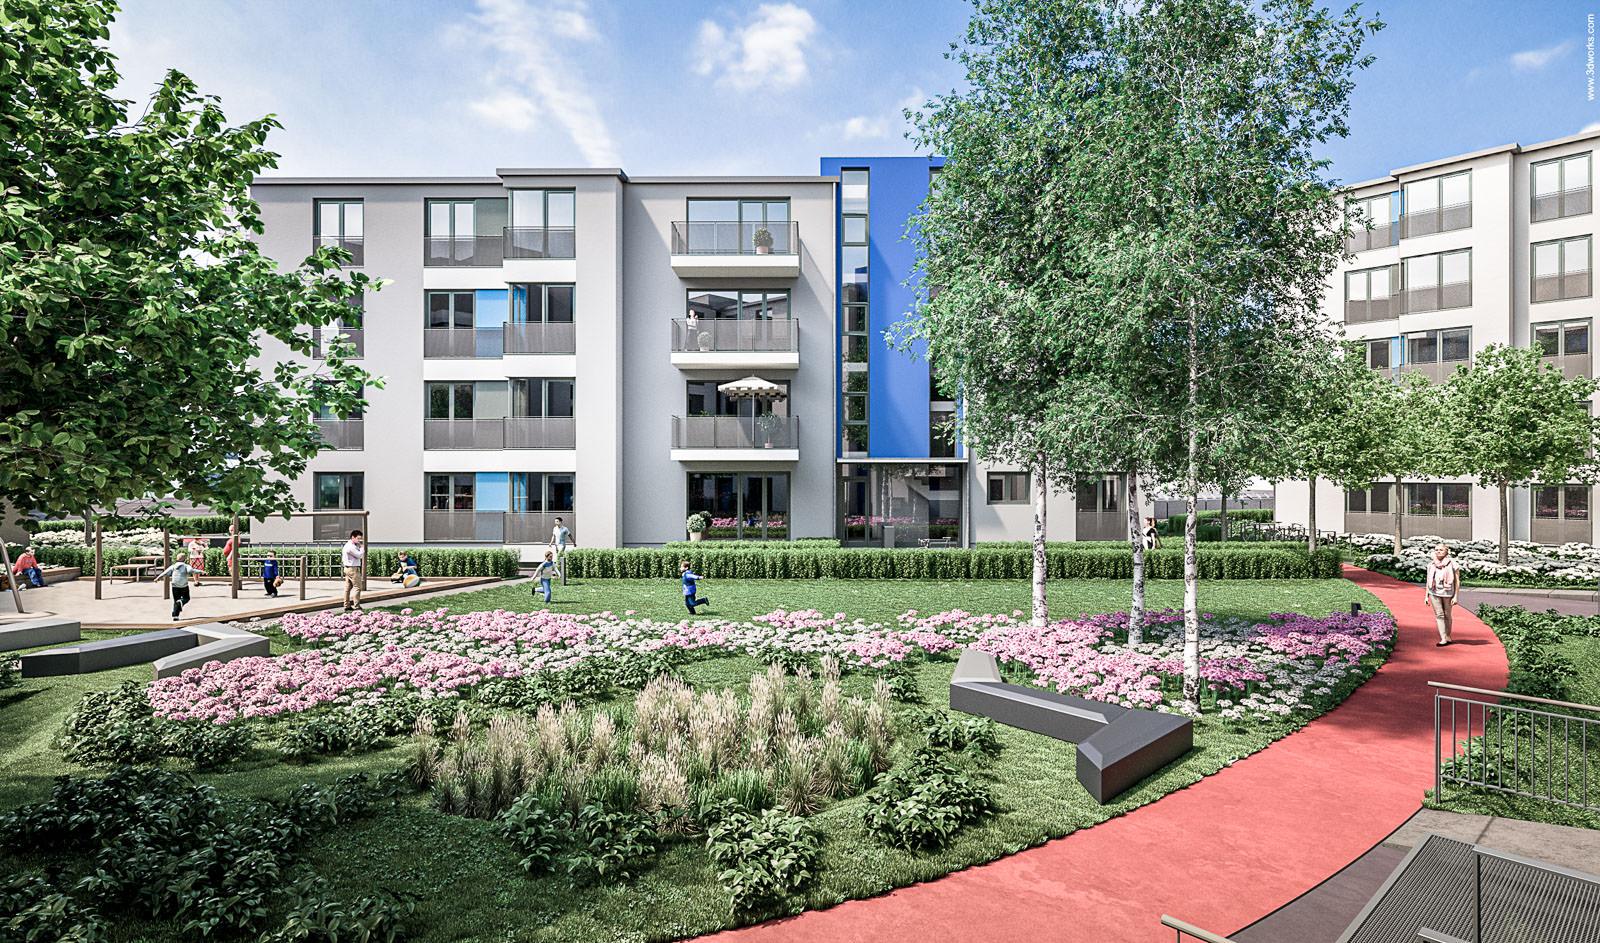 Wohnungsbauvorhaben in Berlin - HCW Architekten Ingenieure